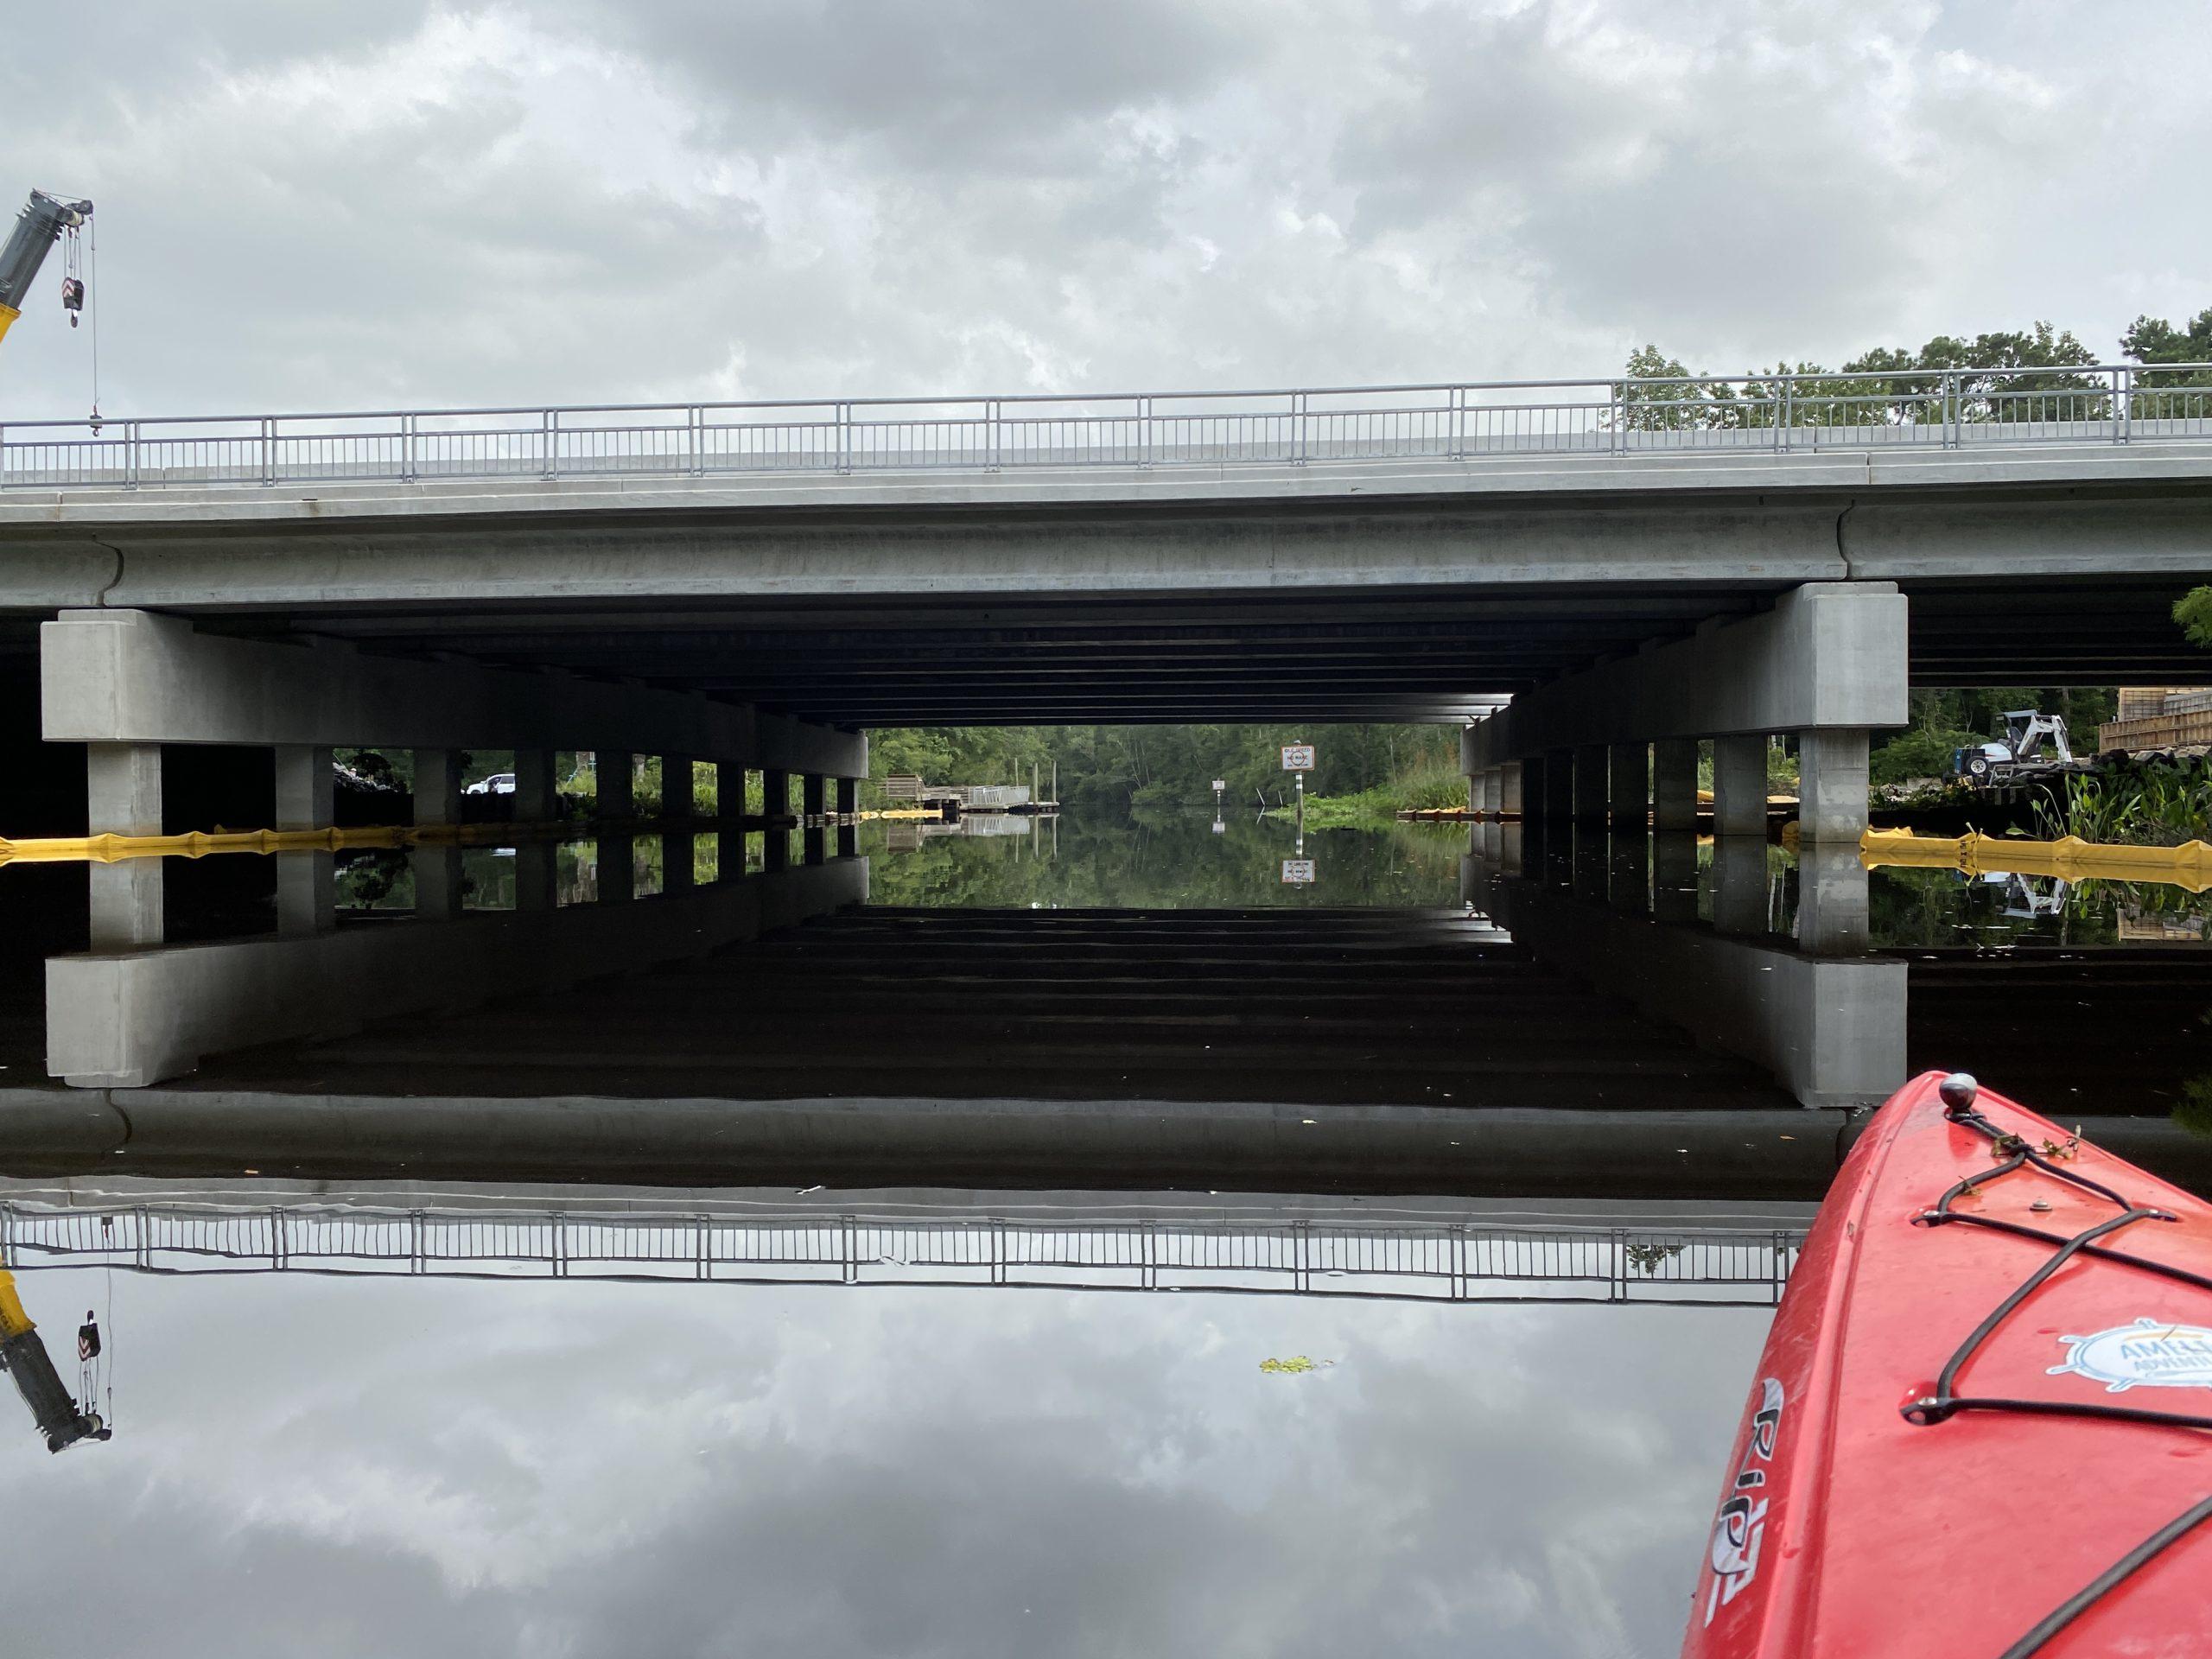 lofton creek kayaking